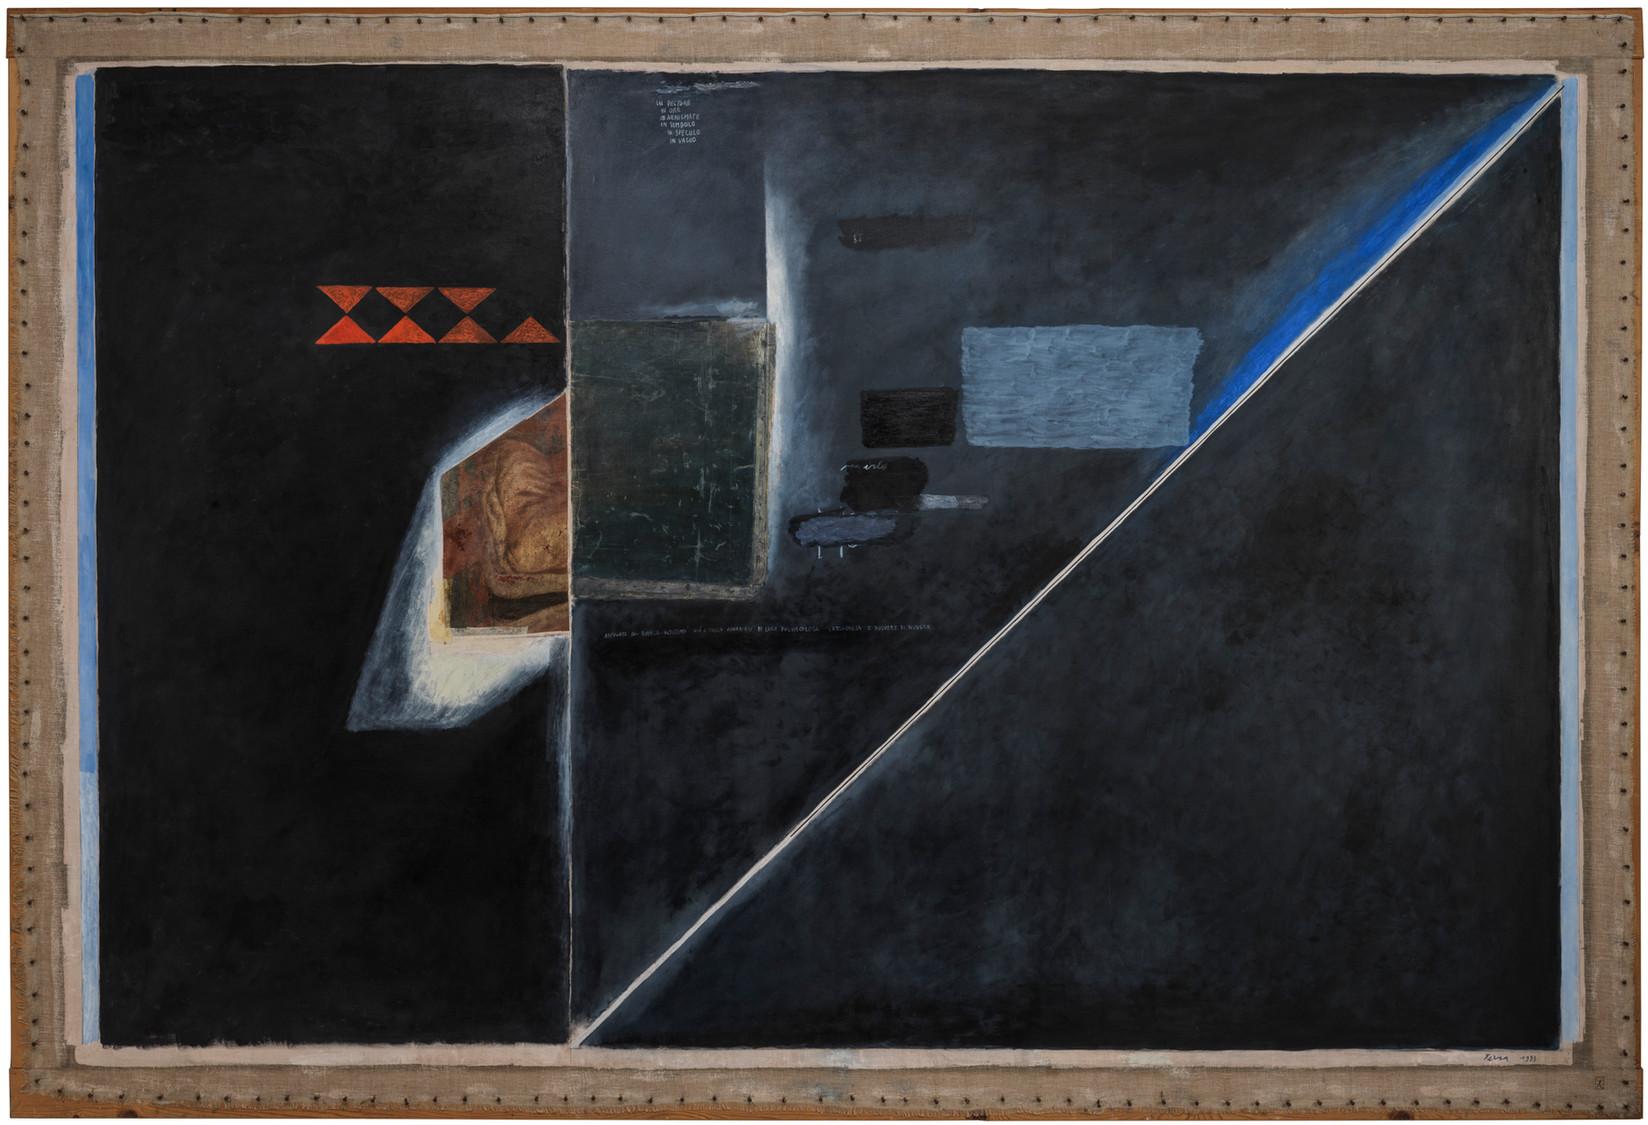 In speculo - dedicato a Emilio Villa - 1993